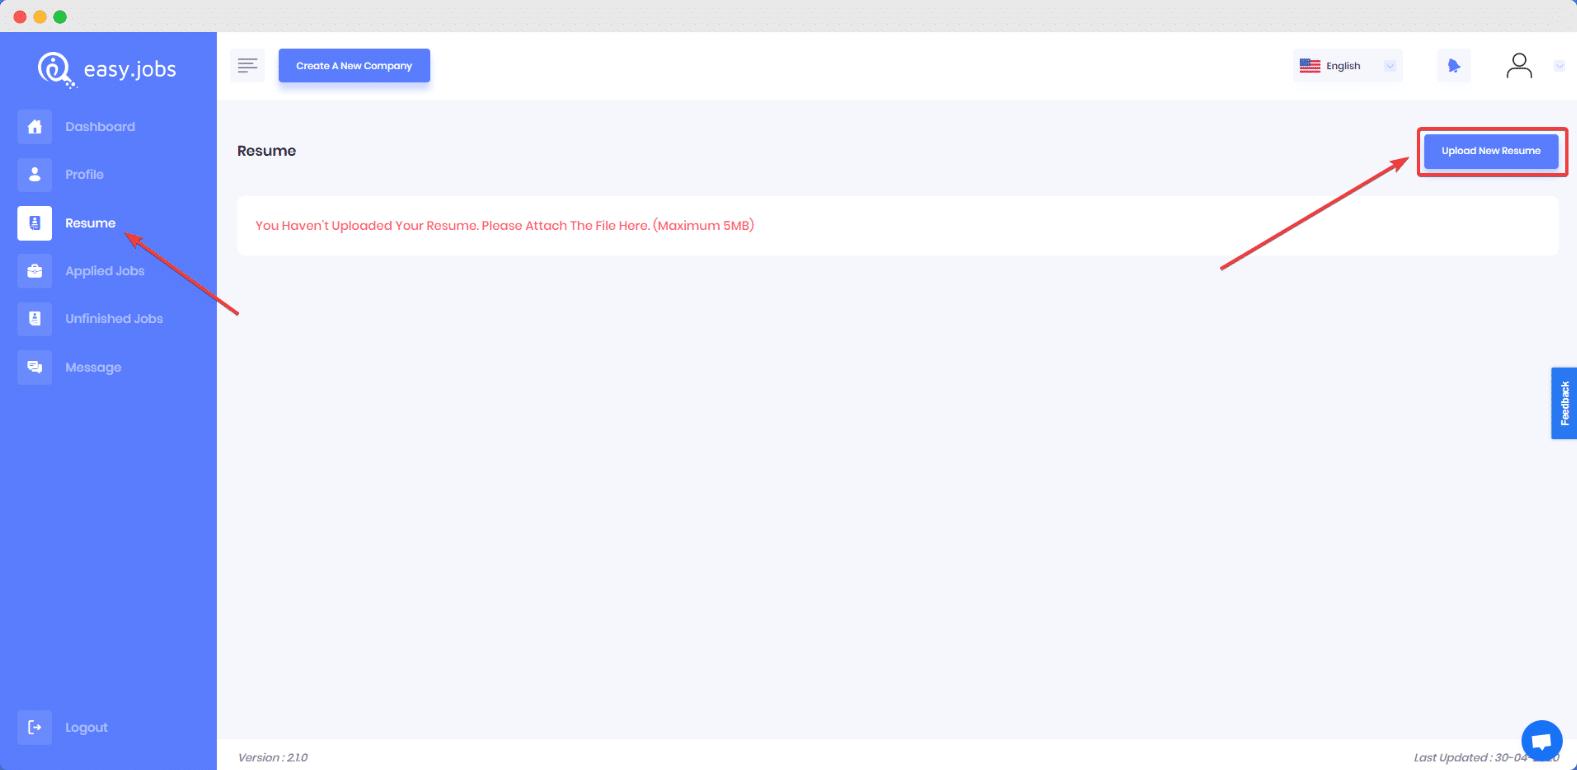 how do i upload or update resume in easy jobs